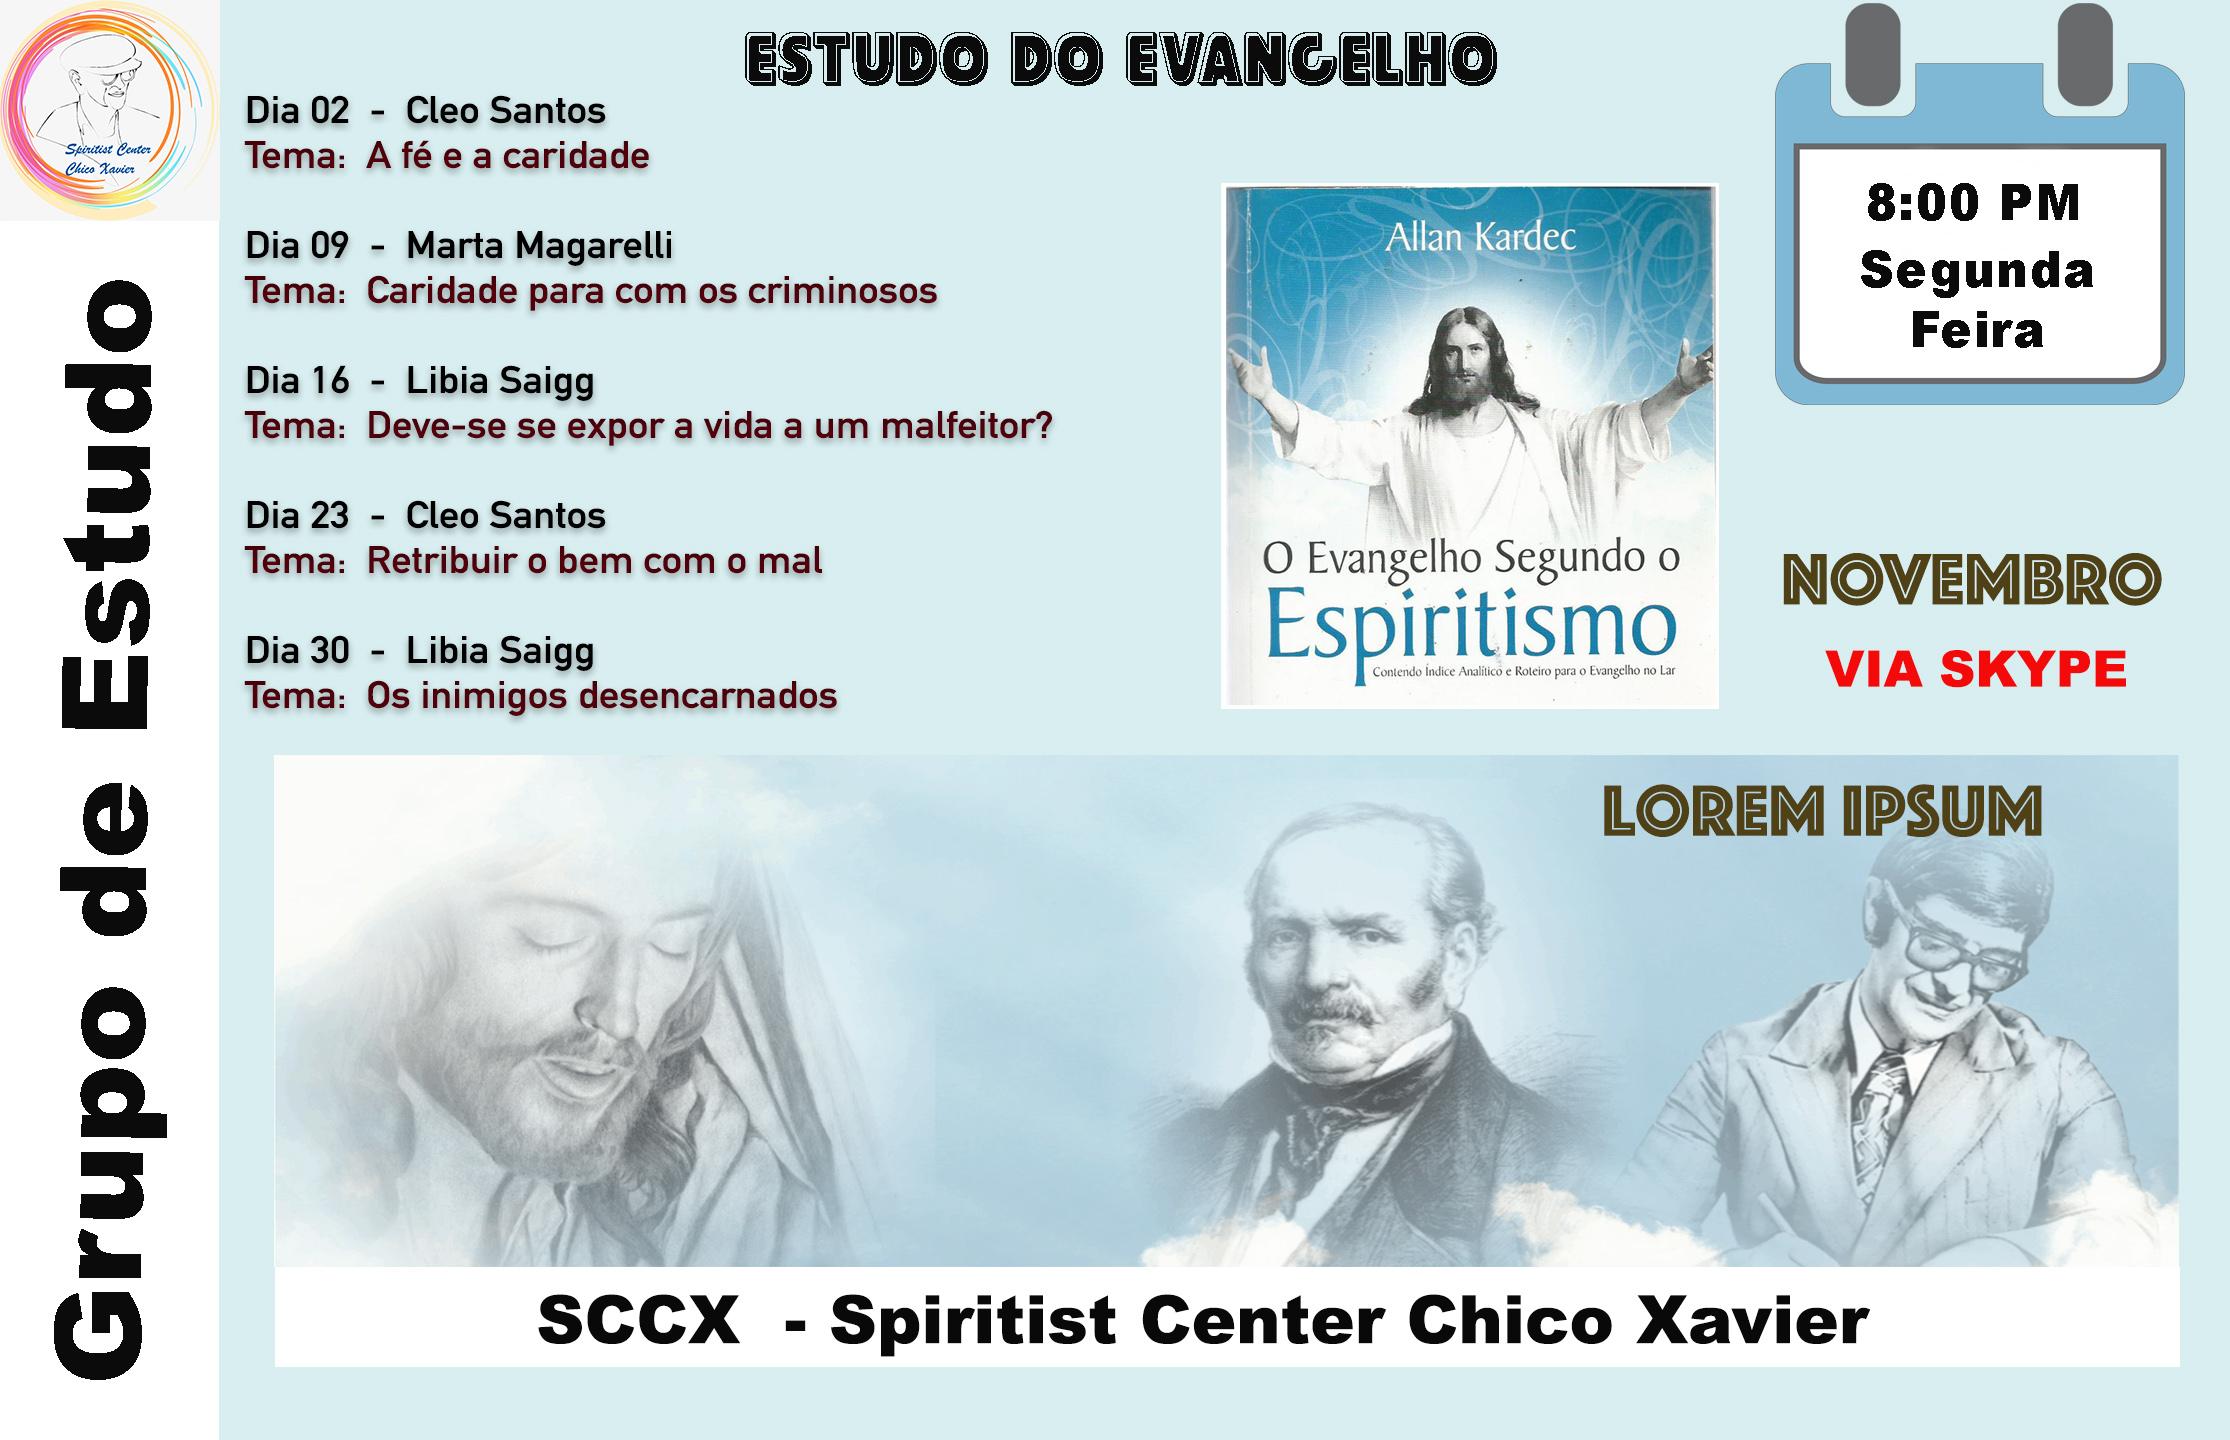 Est do Evangelho Nov 20